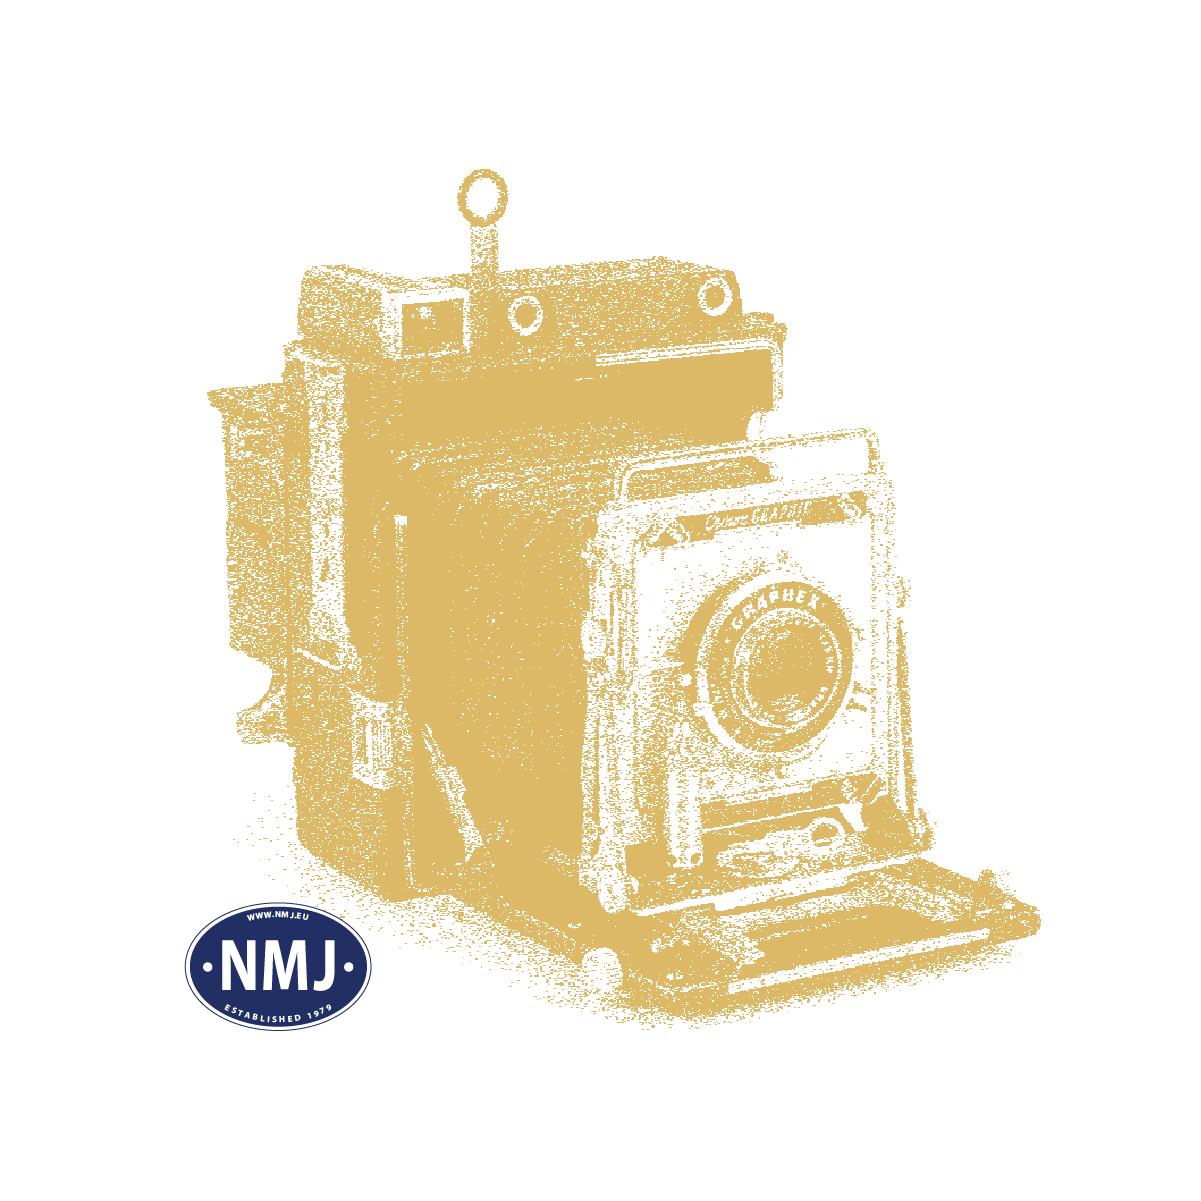 NMJT501.105 - NMJ Topline Os 21 76 370 0 660-2 Rungenwagen der NSB